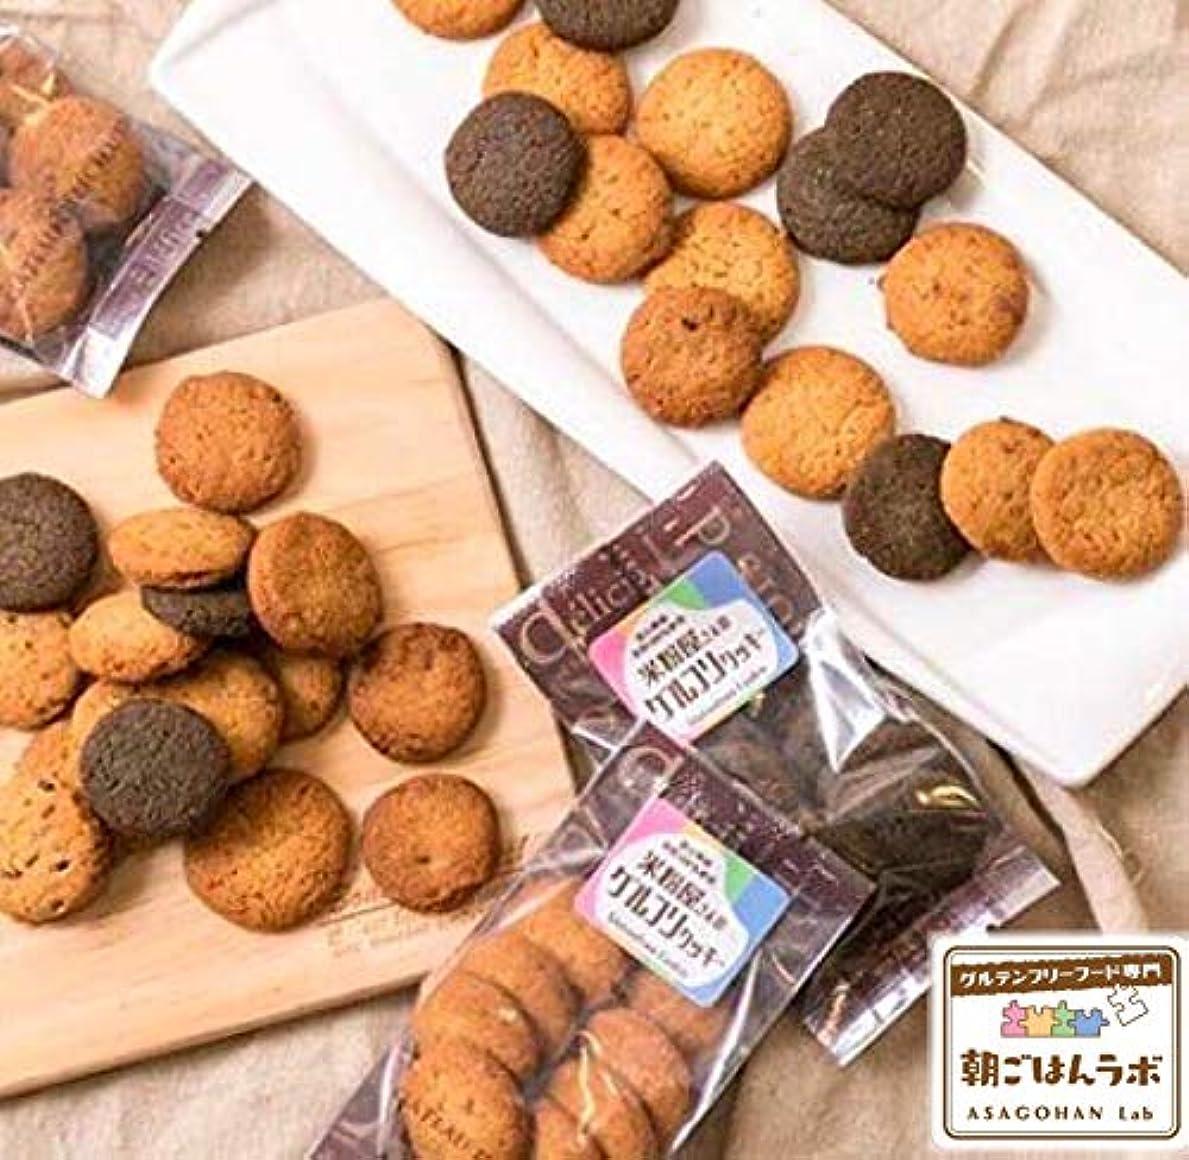 書誌腹痛物足りない米粉屋さんのグルフリクッキー  (小袋 8袋) グルテンフリー 朝ごはんラボ